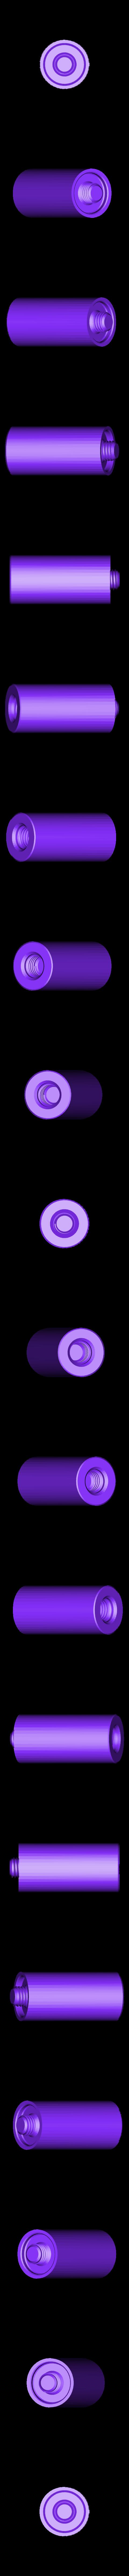 100mm_BigRod.STL Télécharger fichier STL gratuit Le porte-bobine universel - Page principale • Design pour imprimante 3D, Balkhagal4D